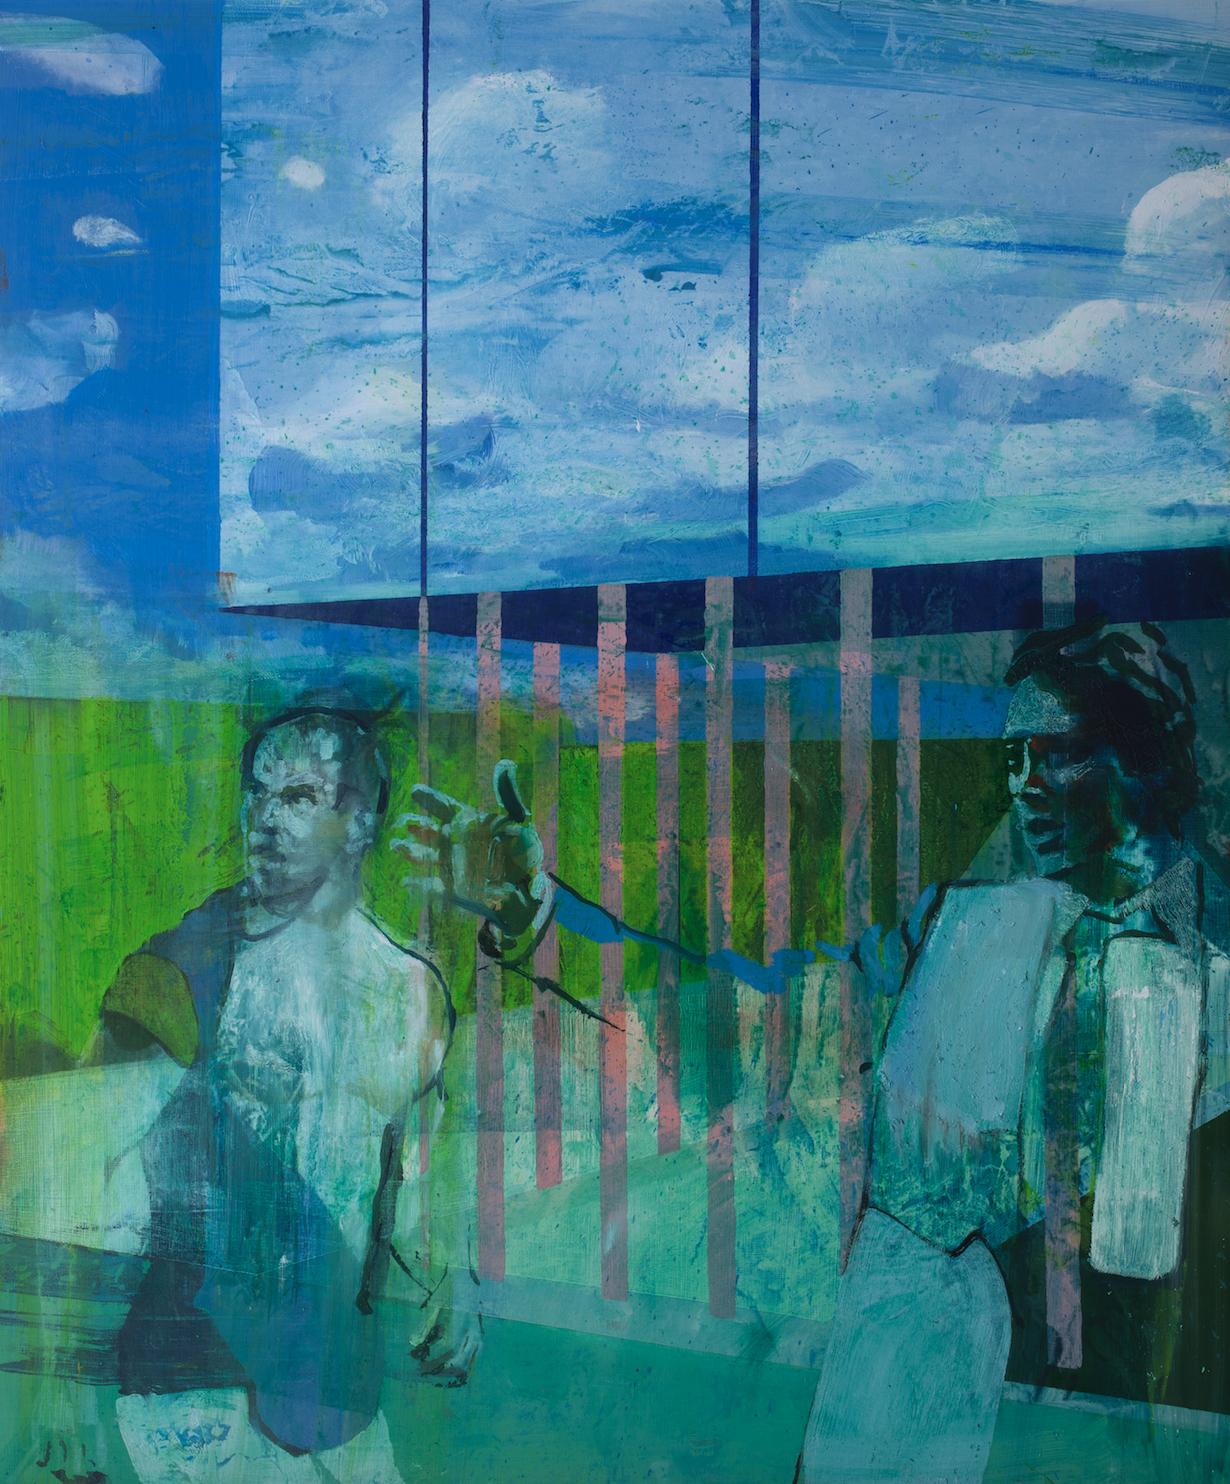 Kenneth Blom  (B. 1967)  No , 2019 Oil on canvas 39 2/5 x 47 1/5 inches 100 x 120 cm